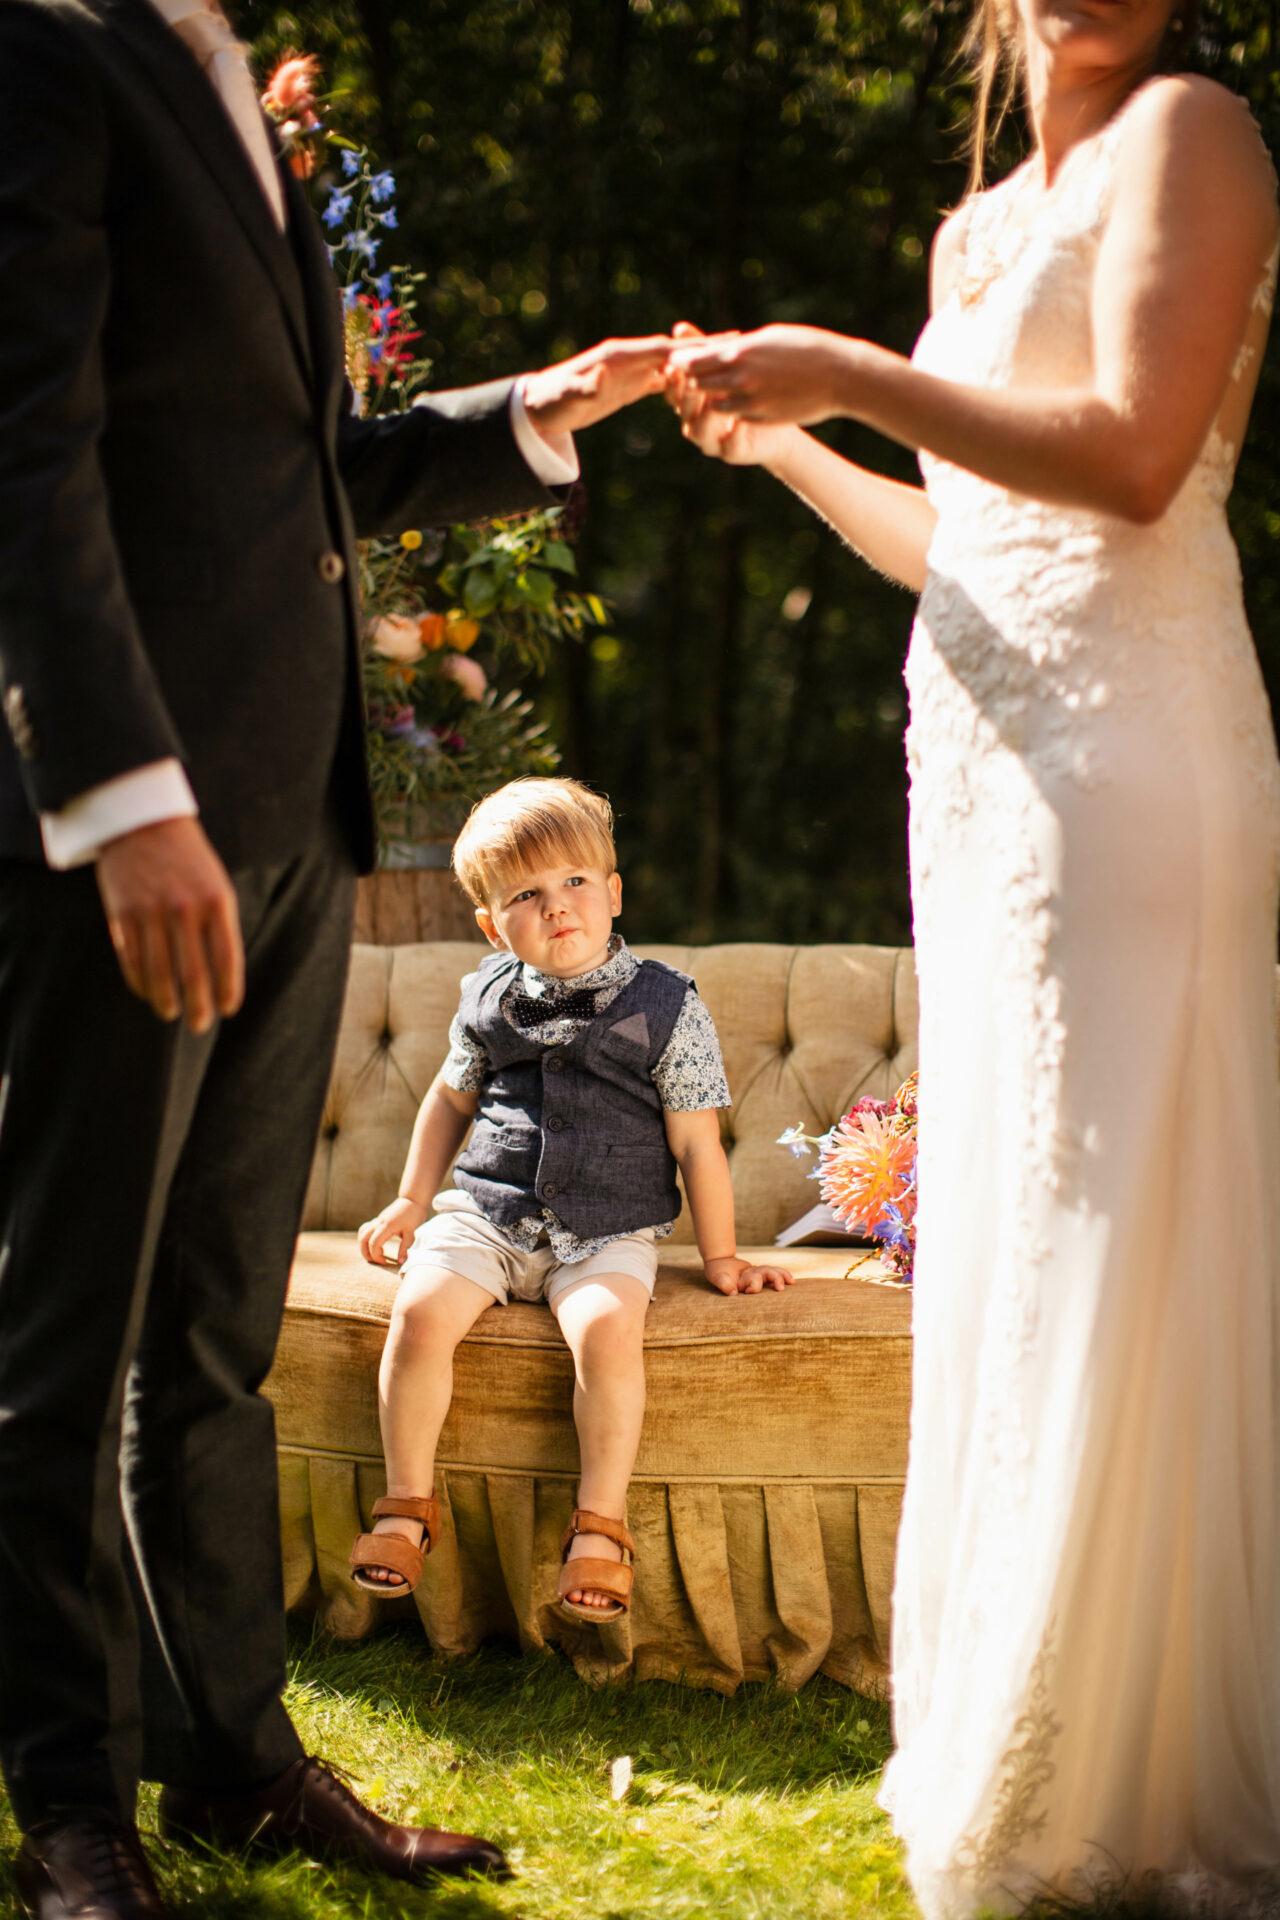 Bruiloft met kinderen